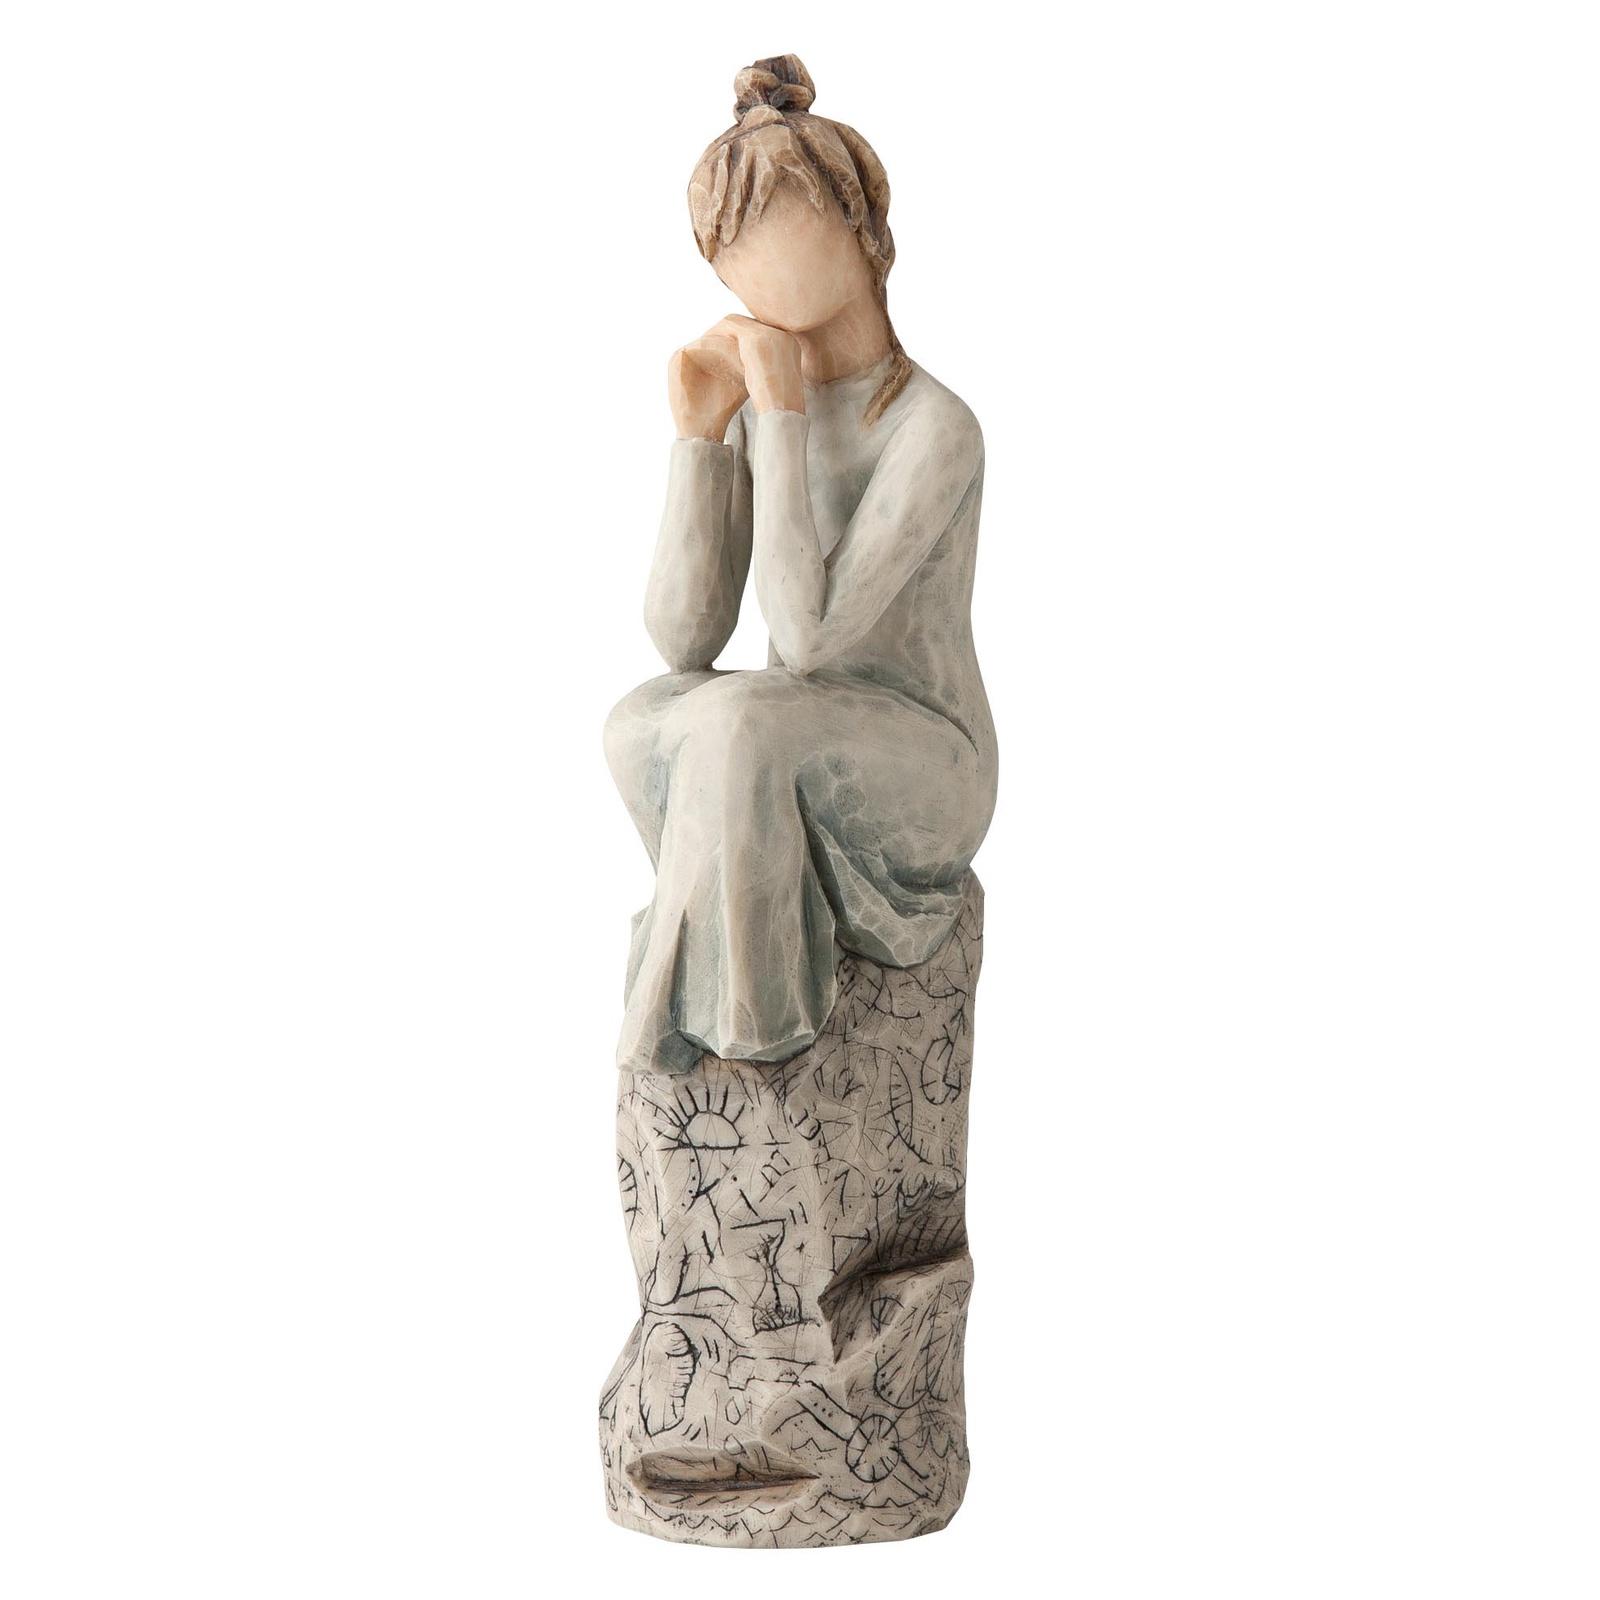 Фигурка декоративная Willow Tree статуэтка миниатюрная, интерьерная, 27537, Искусственный камень